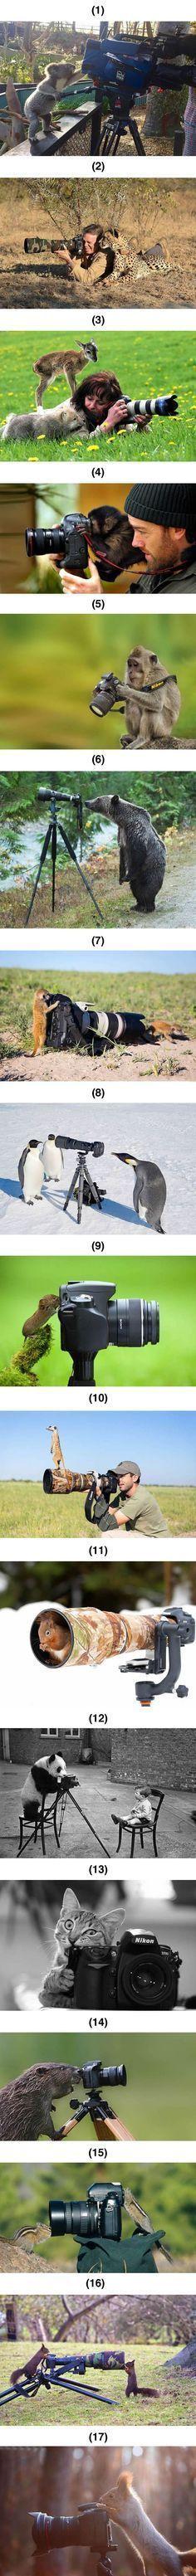 Tiere, die unbedingt Fotografen werden wollen Webfail